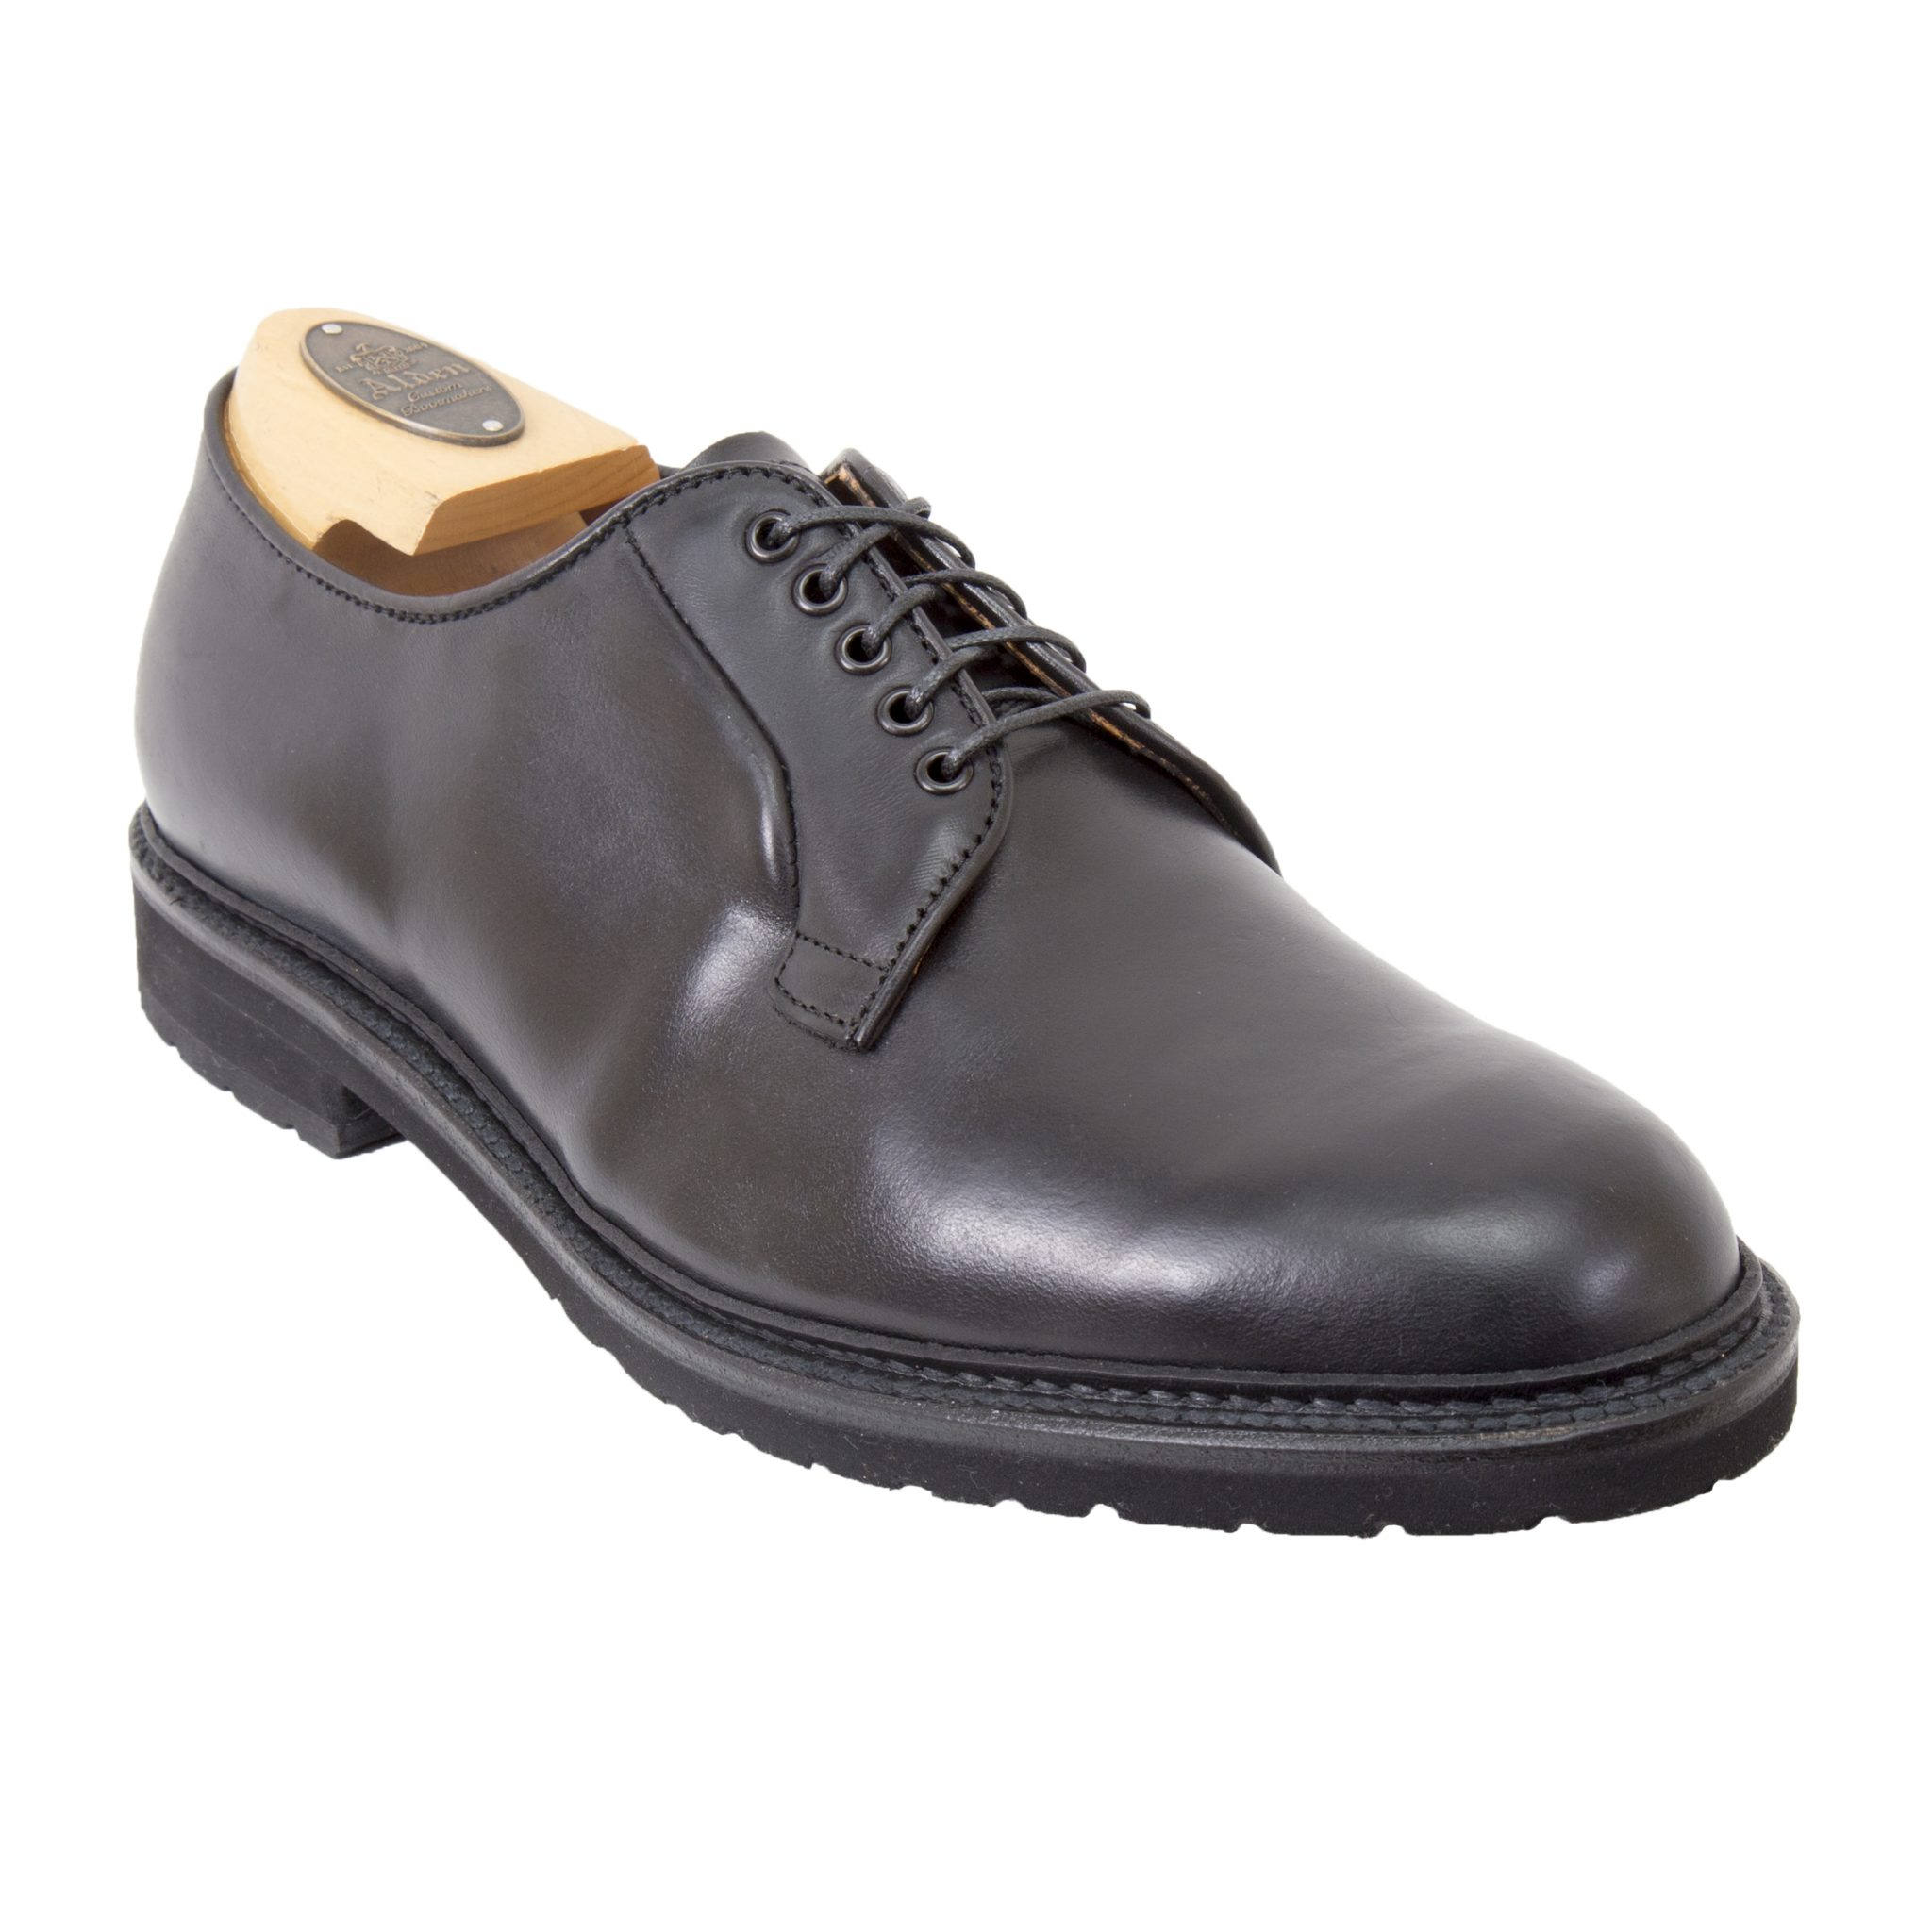 Plain Toe Blucherblack Chromexcel9435s Alden Shoes